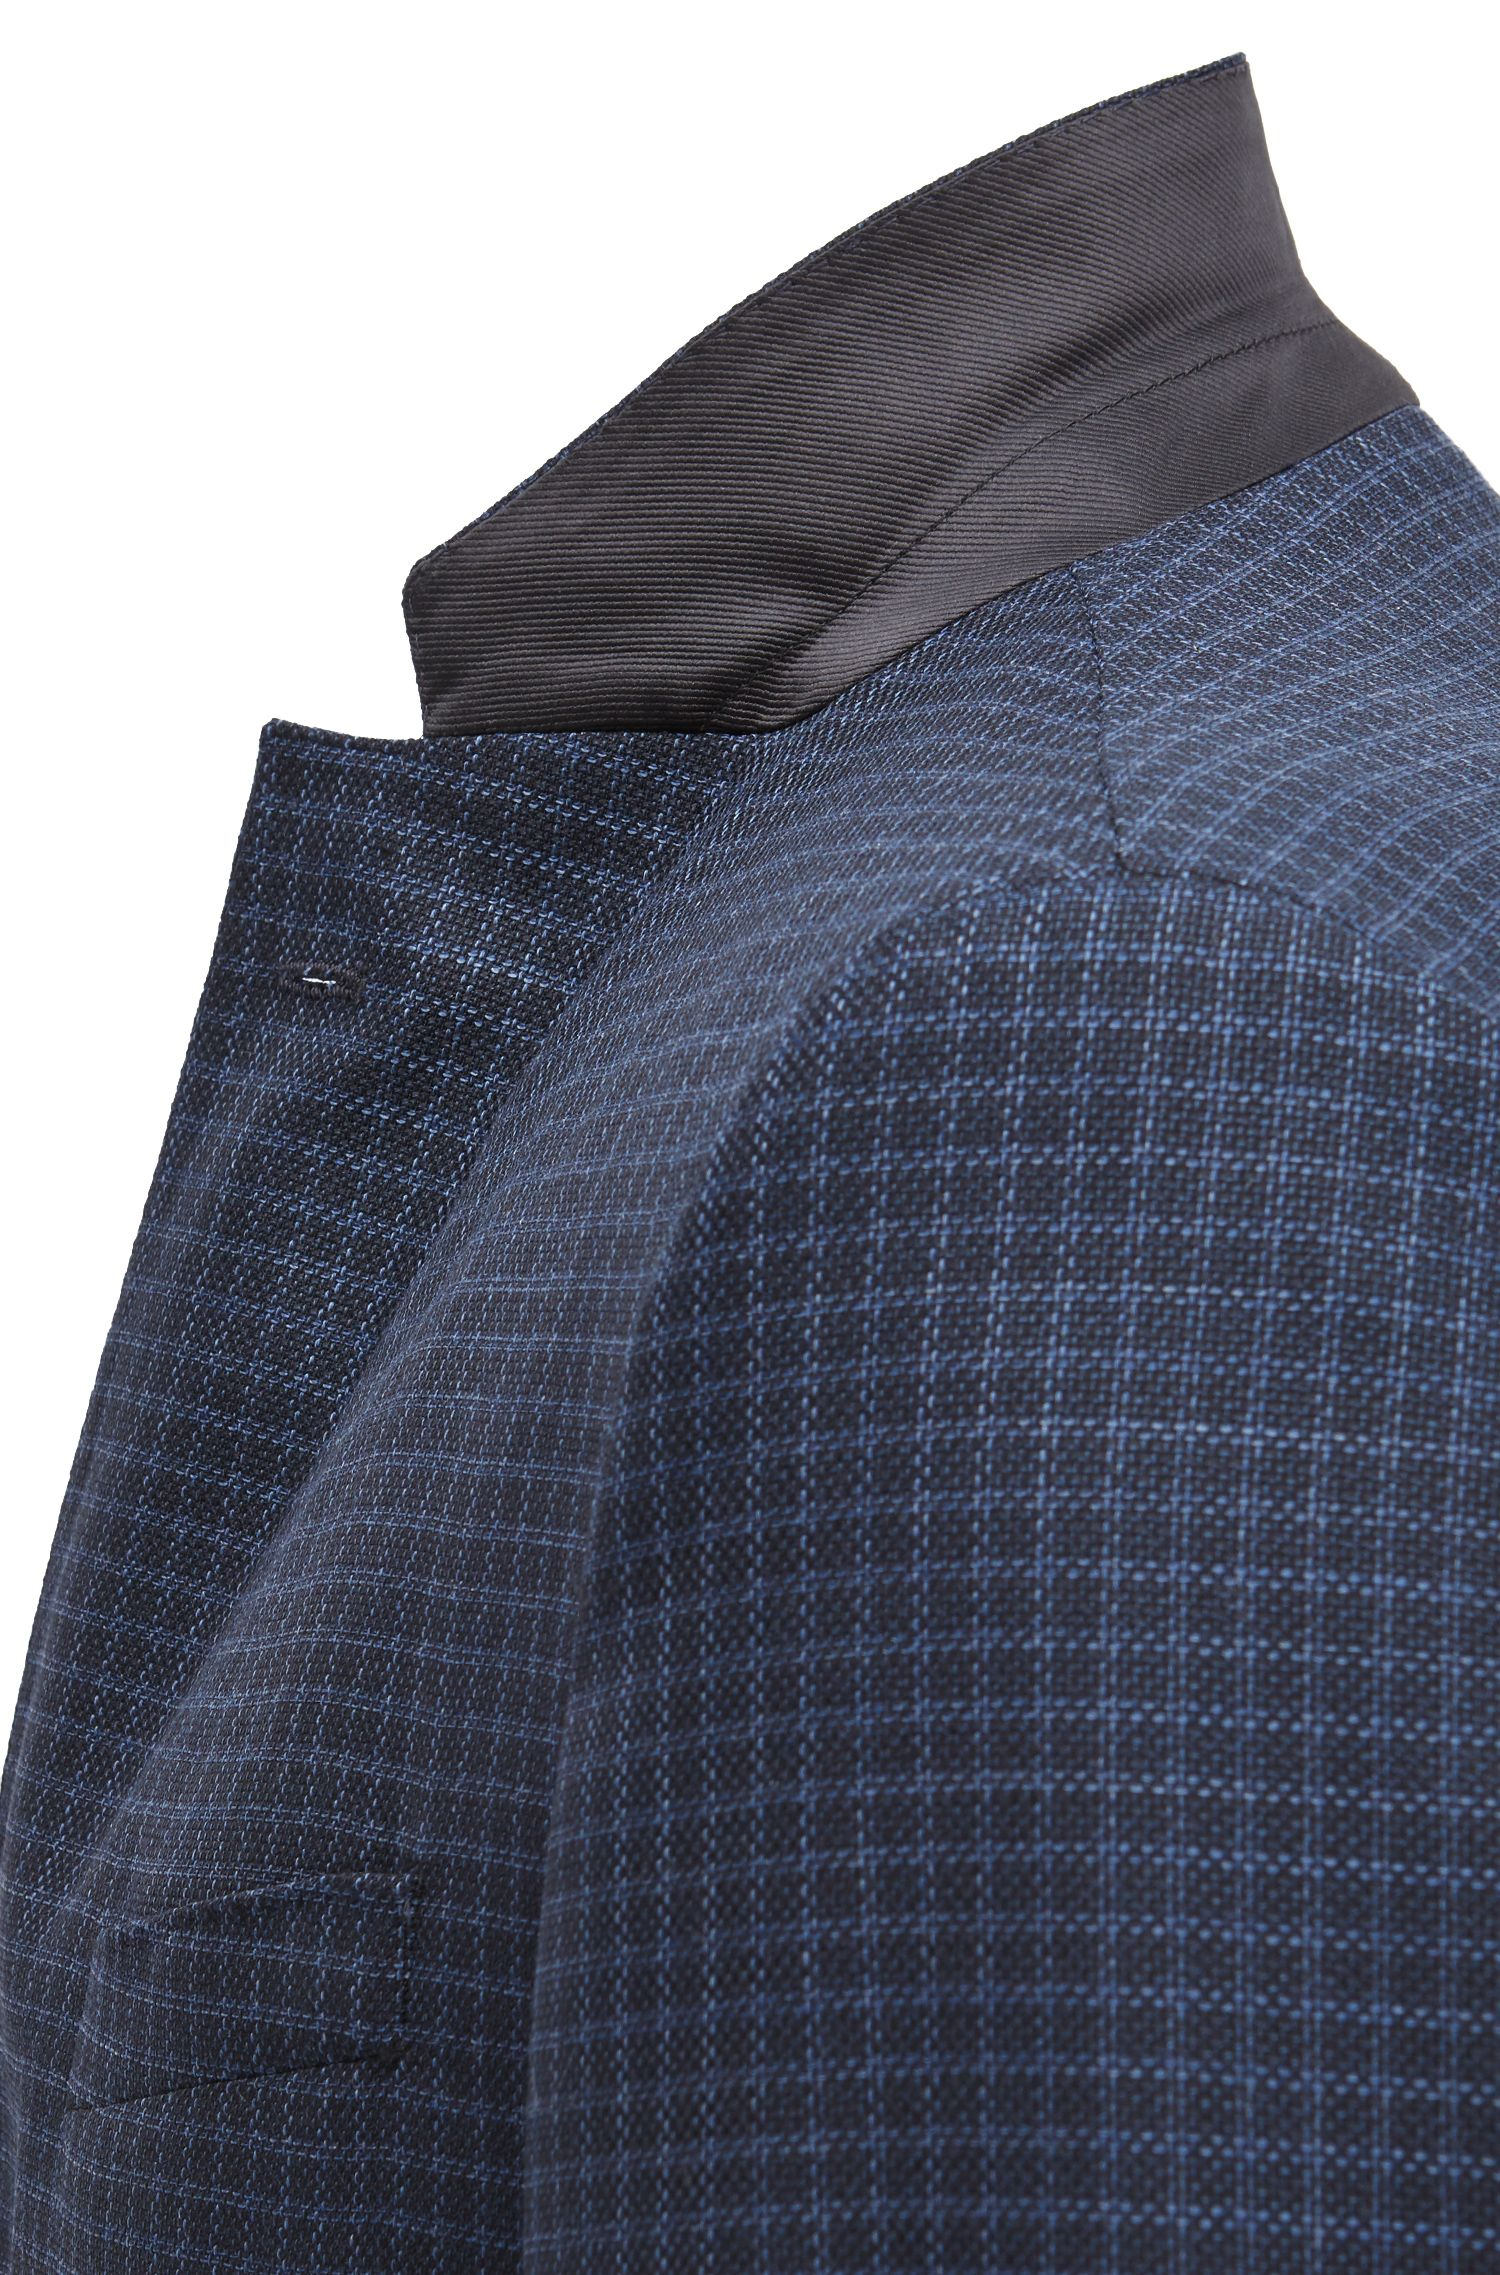 Grid Check italian Virgin Wool Sport Coat, Slim Fit | Nobis